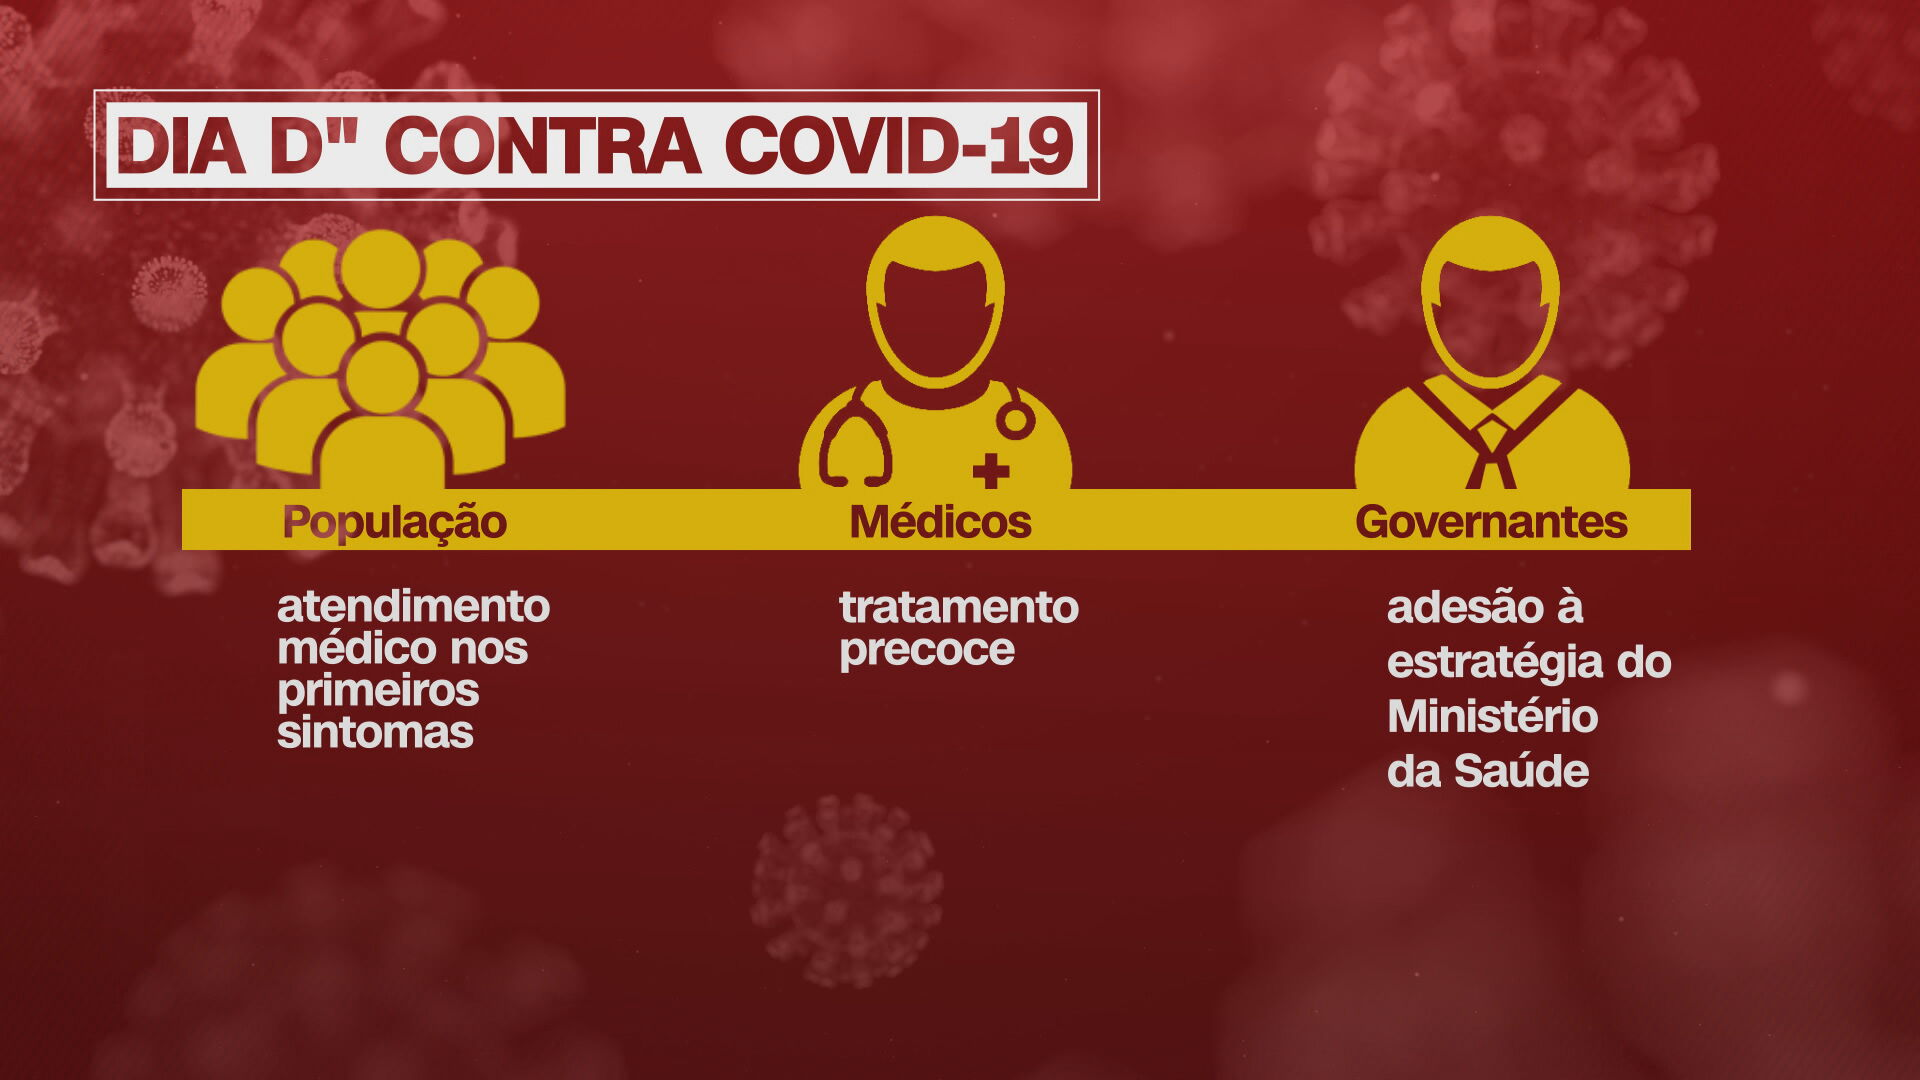 Ações do 'Dia D' contra Covid-19 abrangem população, médicos e governantes